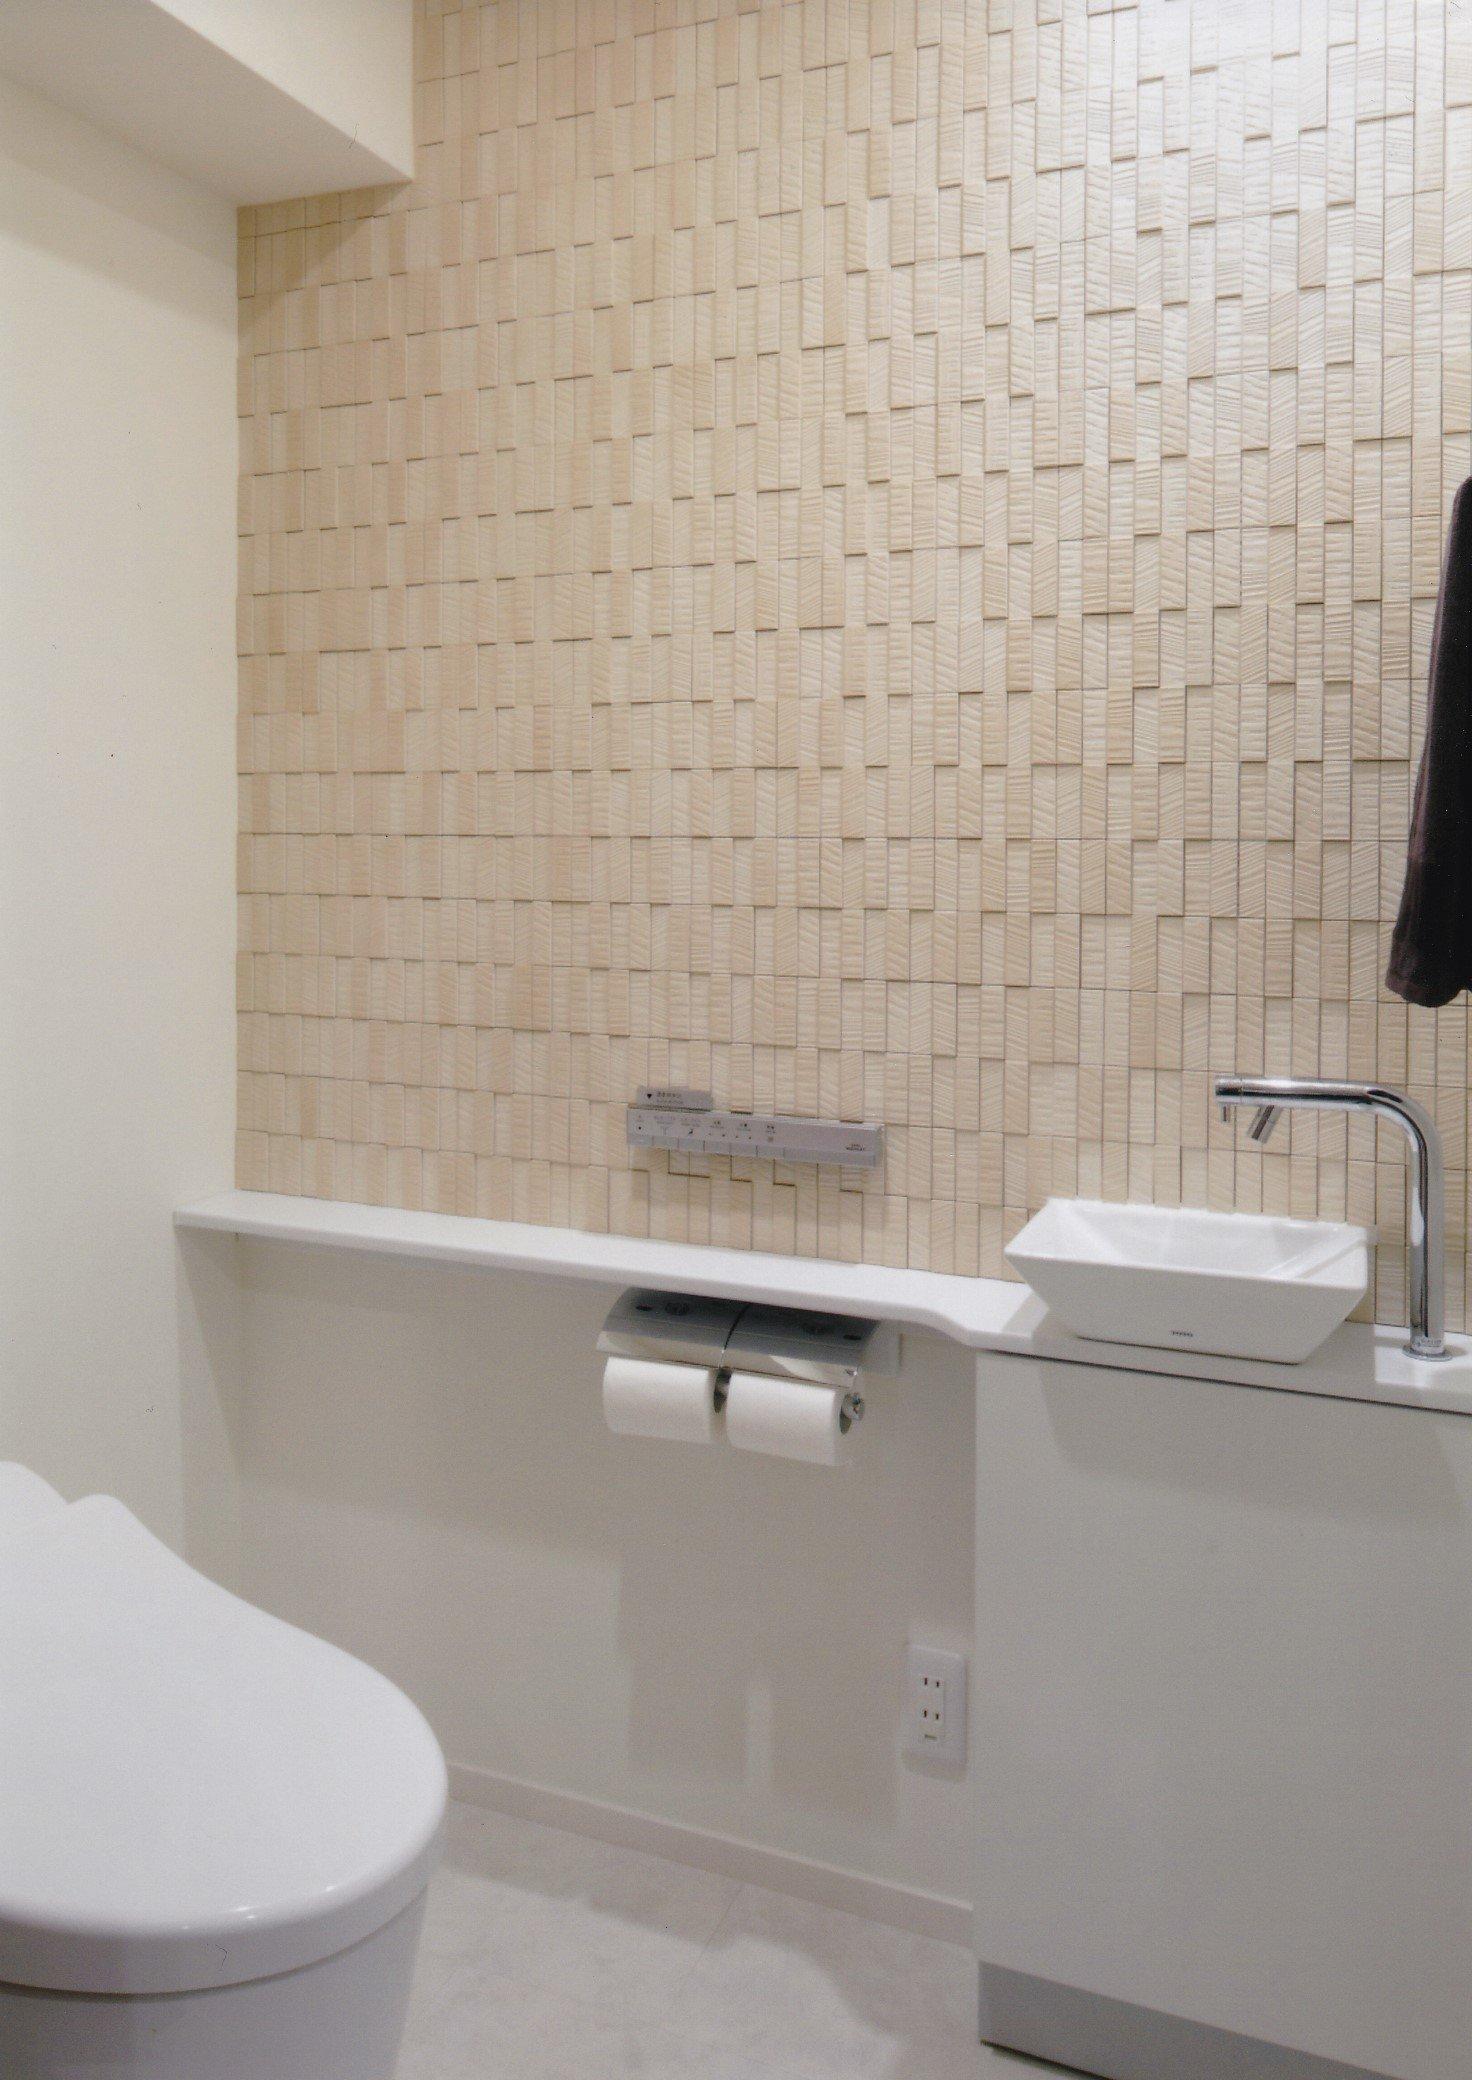 壁面にリクシル製エコカラットを貼ったトイレです。トイレはTOTO製ネオレストRH1(CES9766W#NW1)。トイレサイズは、奥行1,500mm、幅(間口)1,000mm。